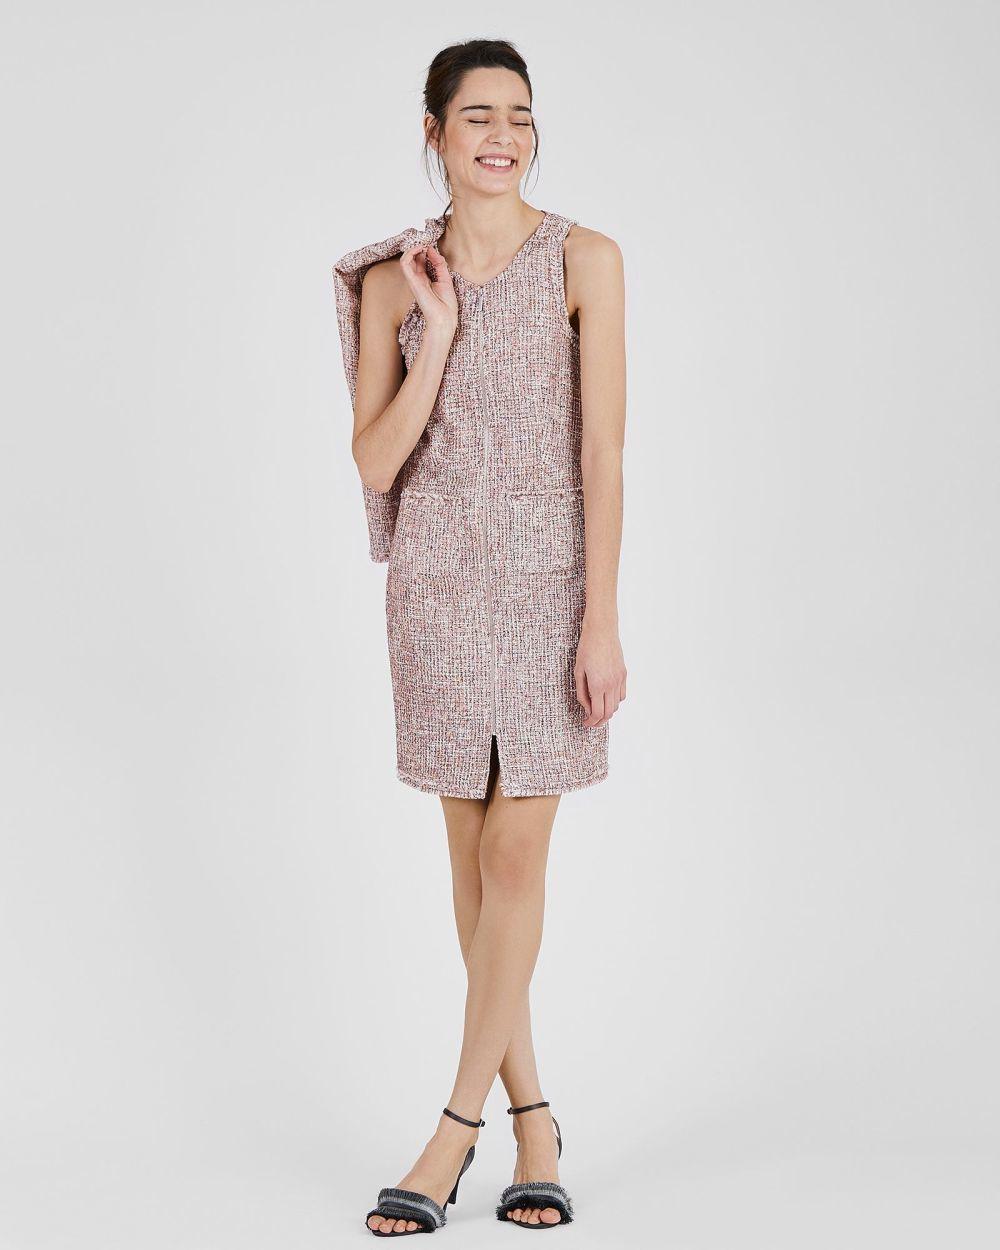 Vestido de tweed, de Trucco (59,95 euros).